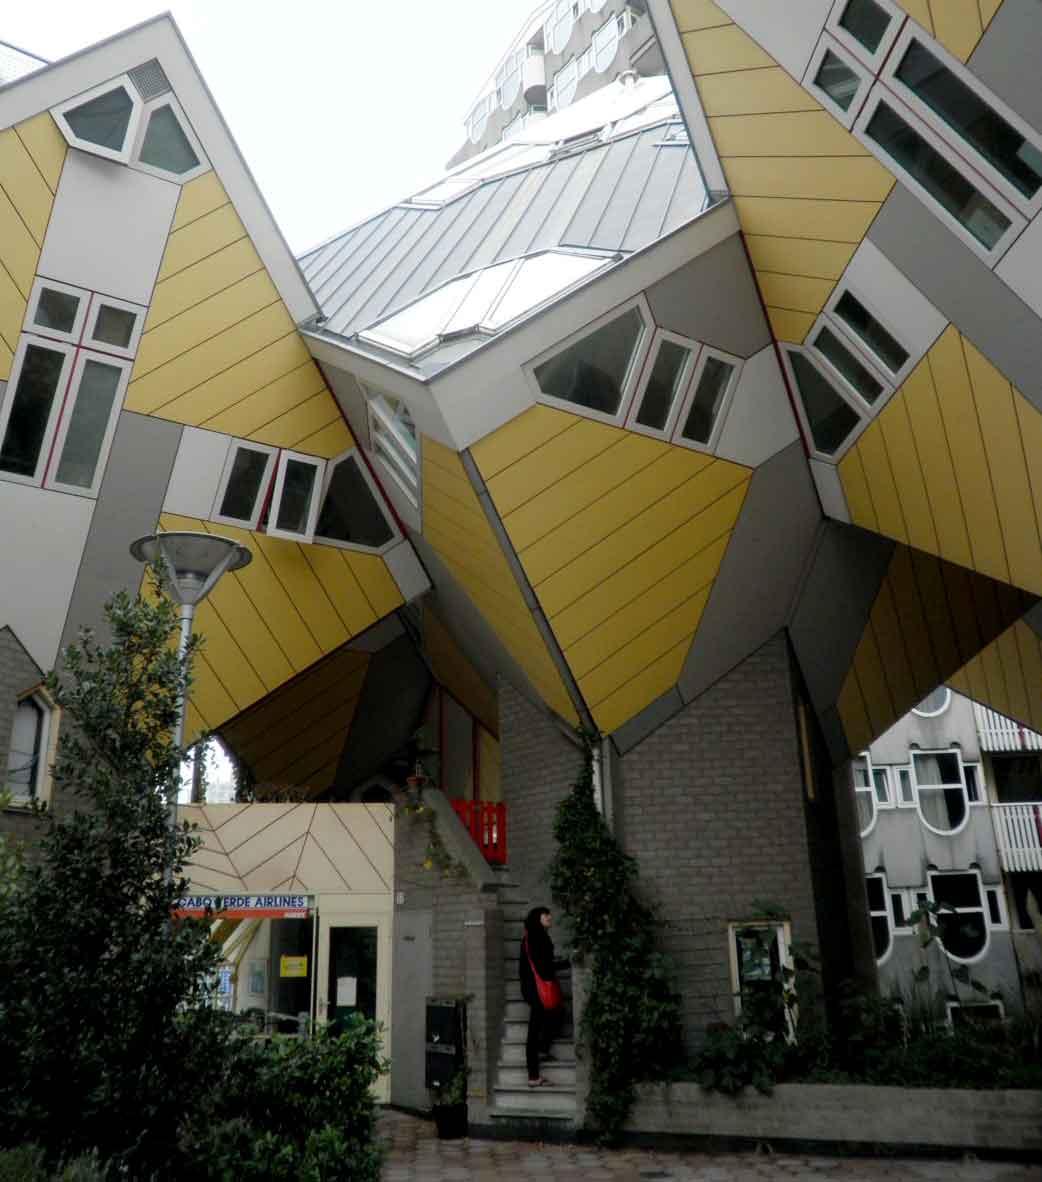 Rotterdam un itinerario a piedi di architettura for Architettura moderna case